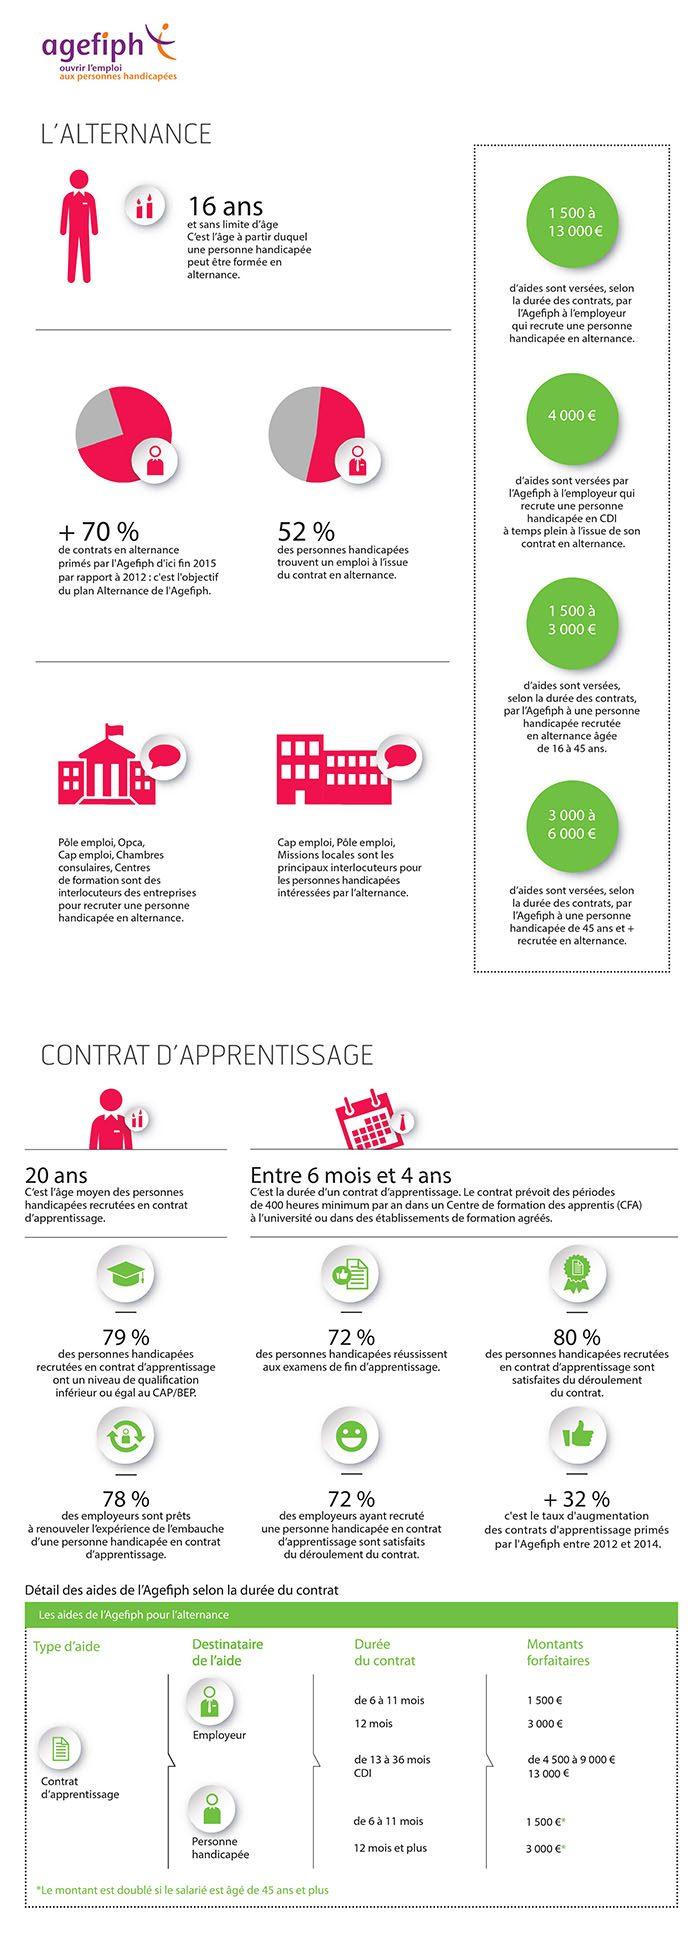 Agefiph - Infographie alternance et contrat d'apprentissage